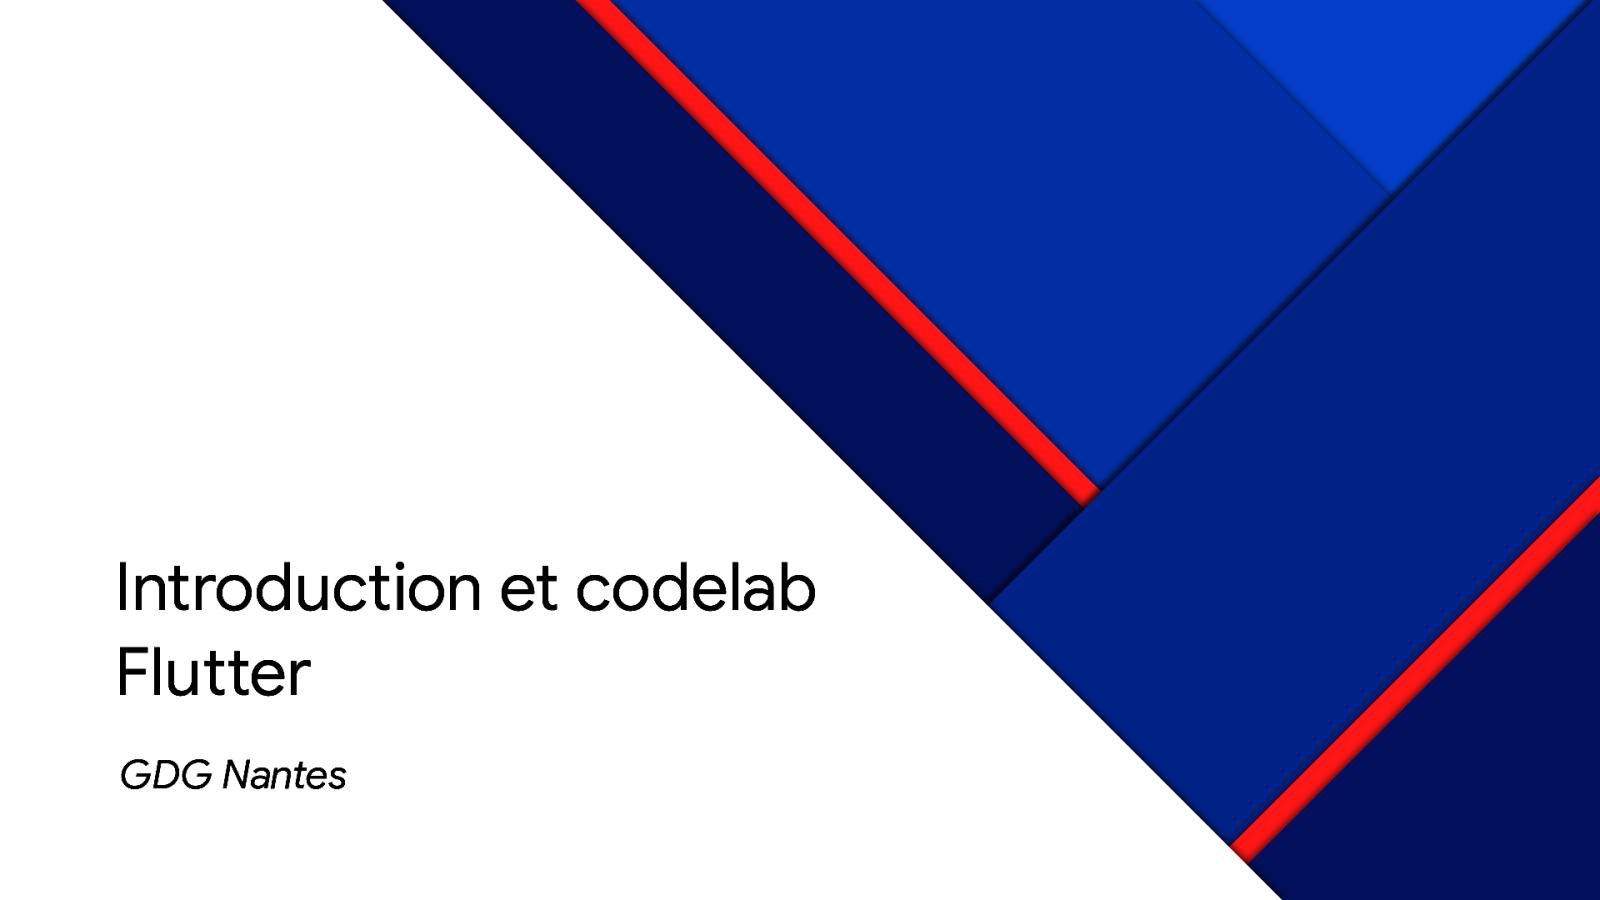 Introduction et codelab Flutter